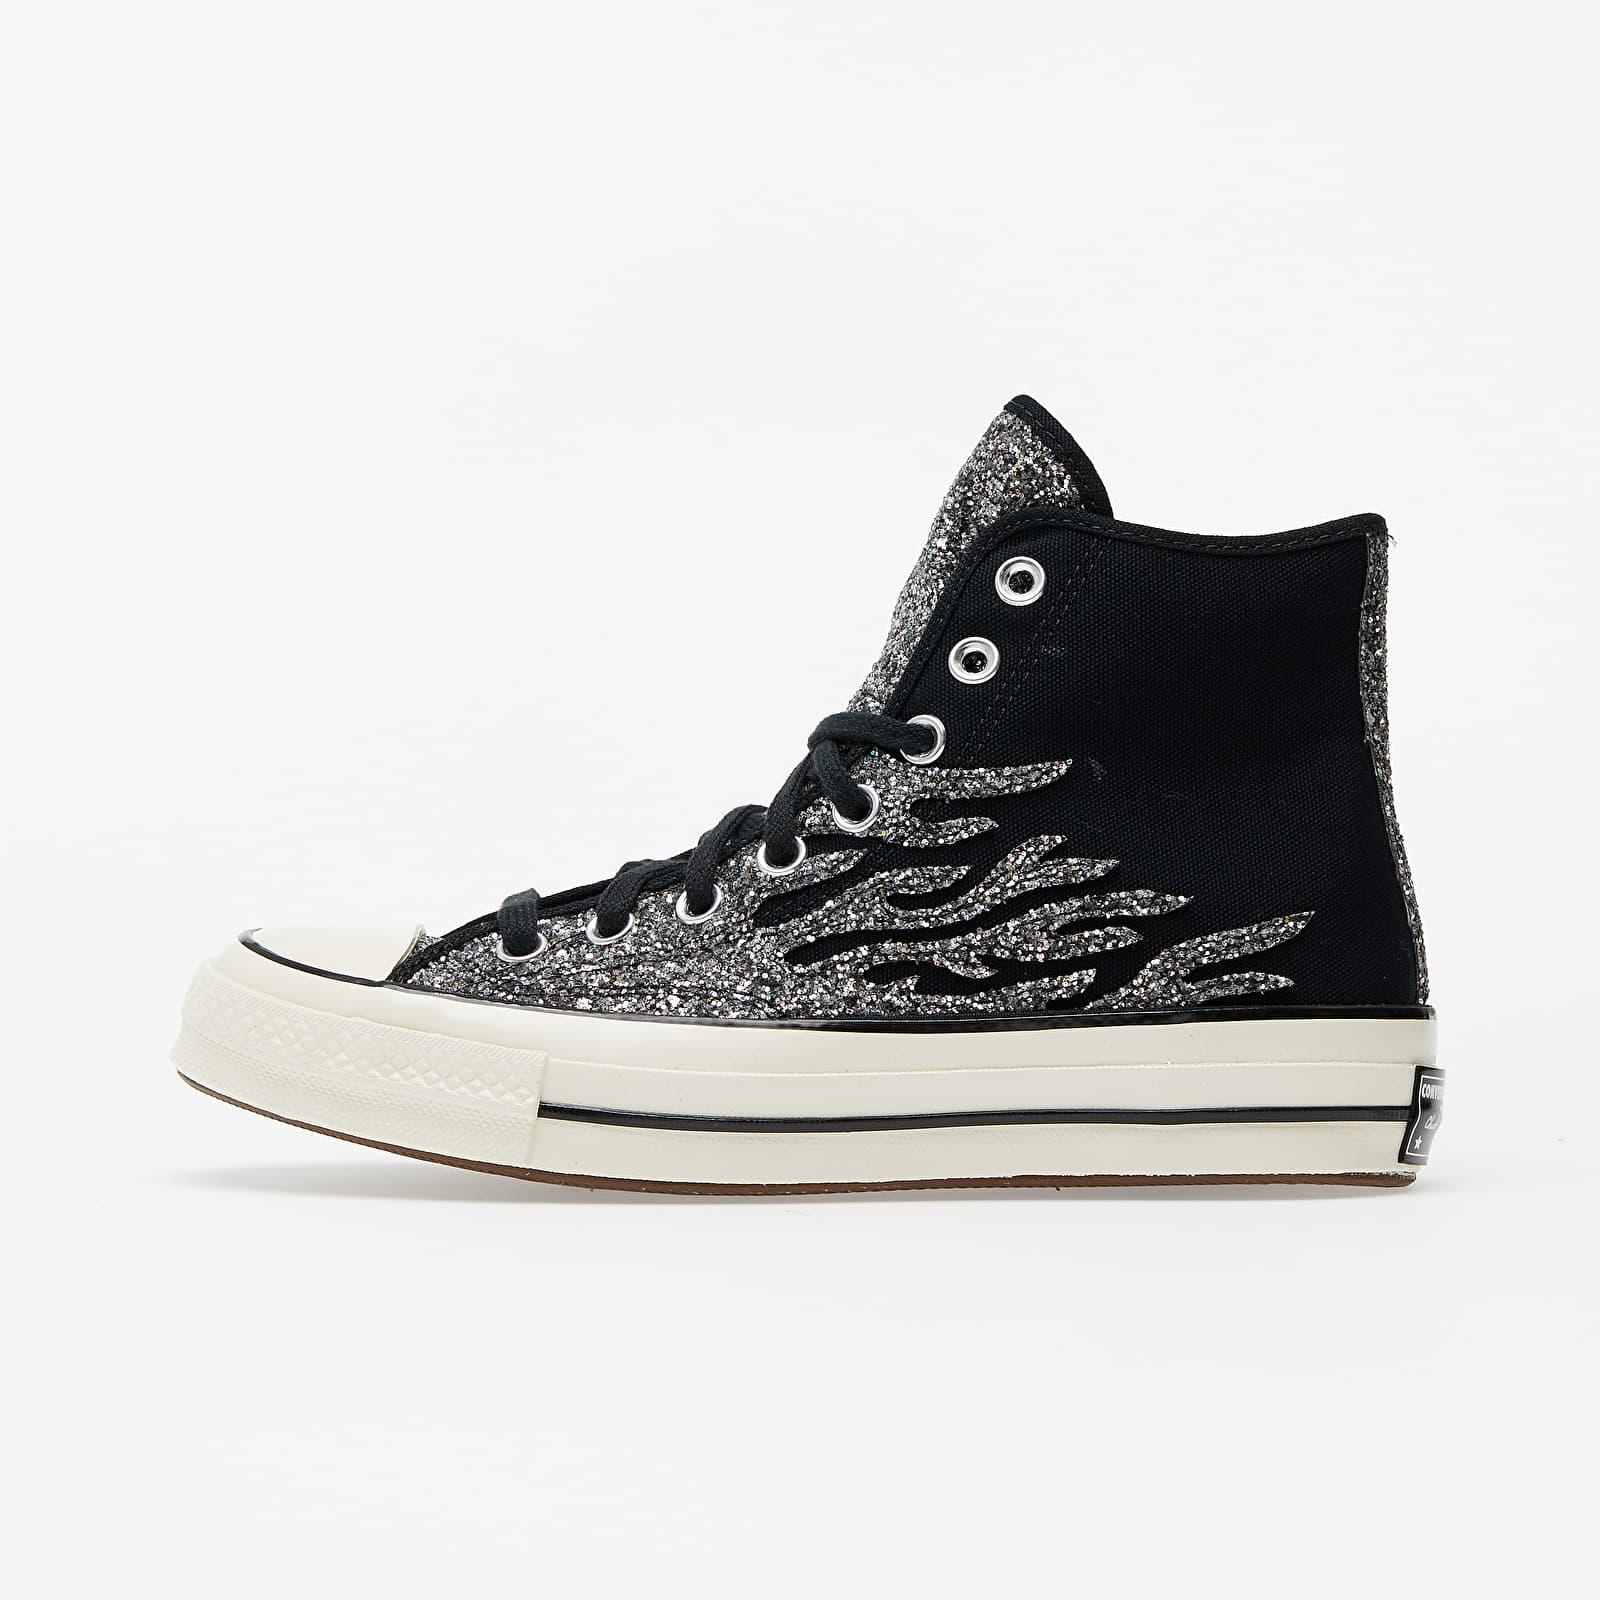 Converse Chuck 70 Black/ Egret/ Black 569387C